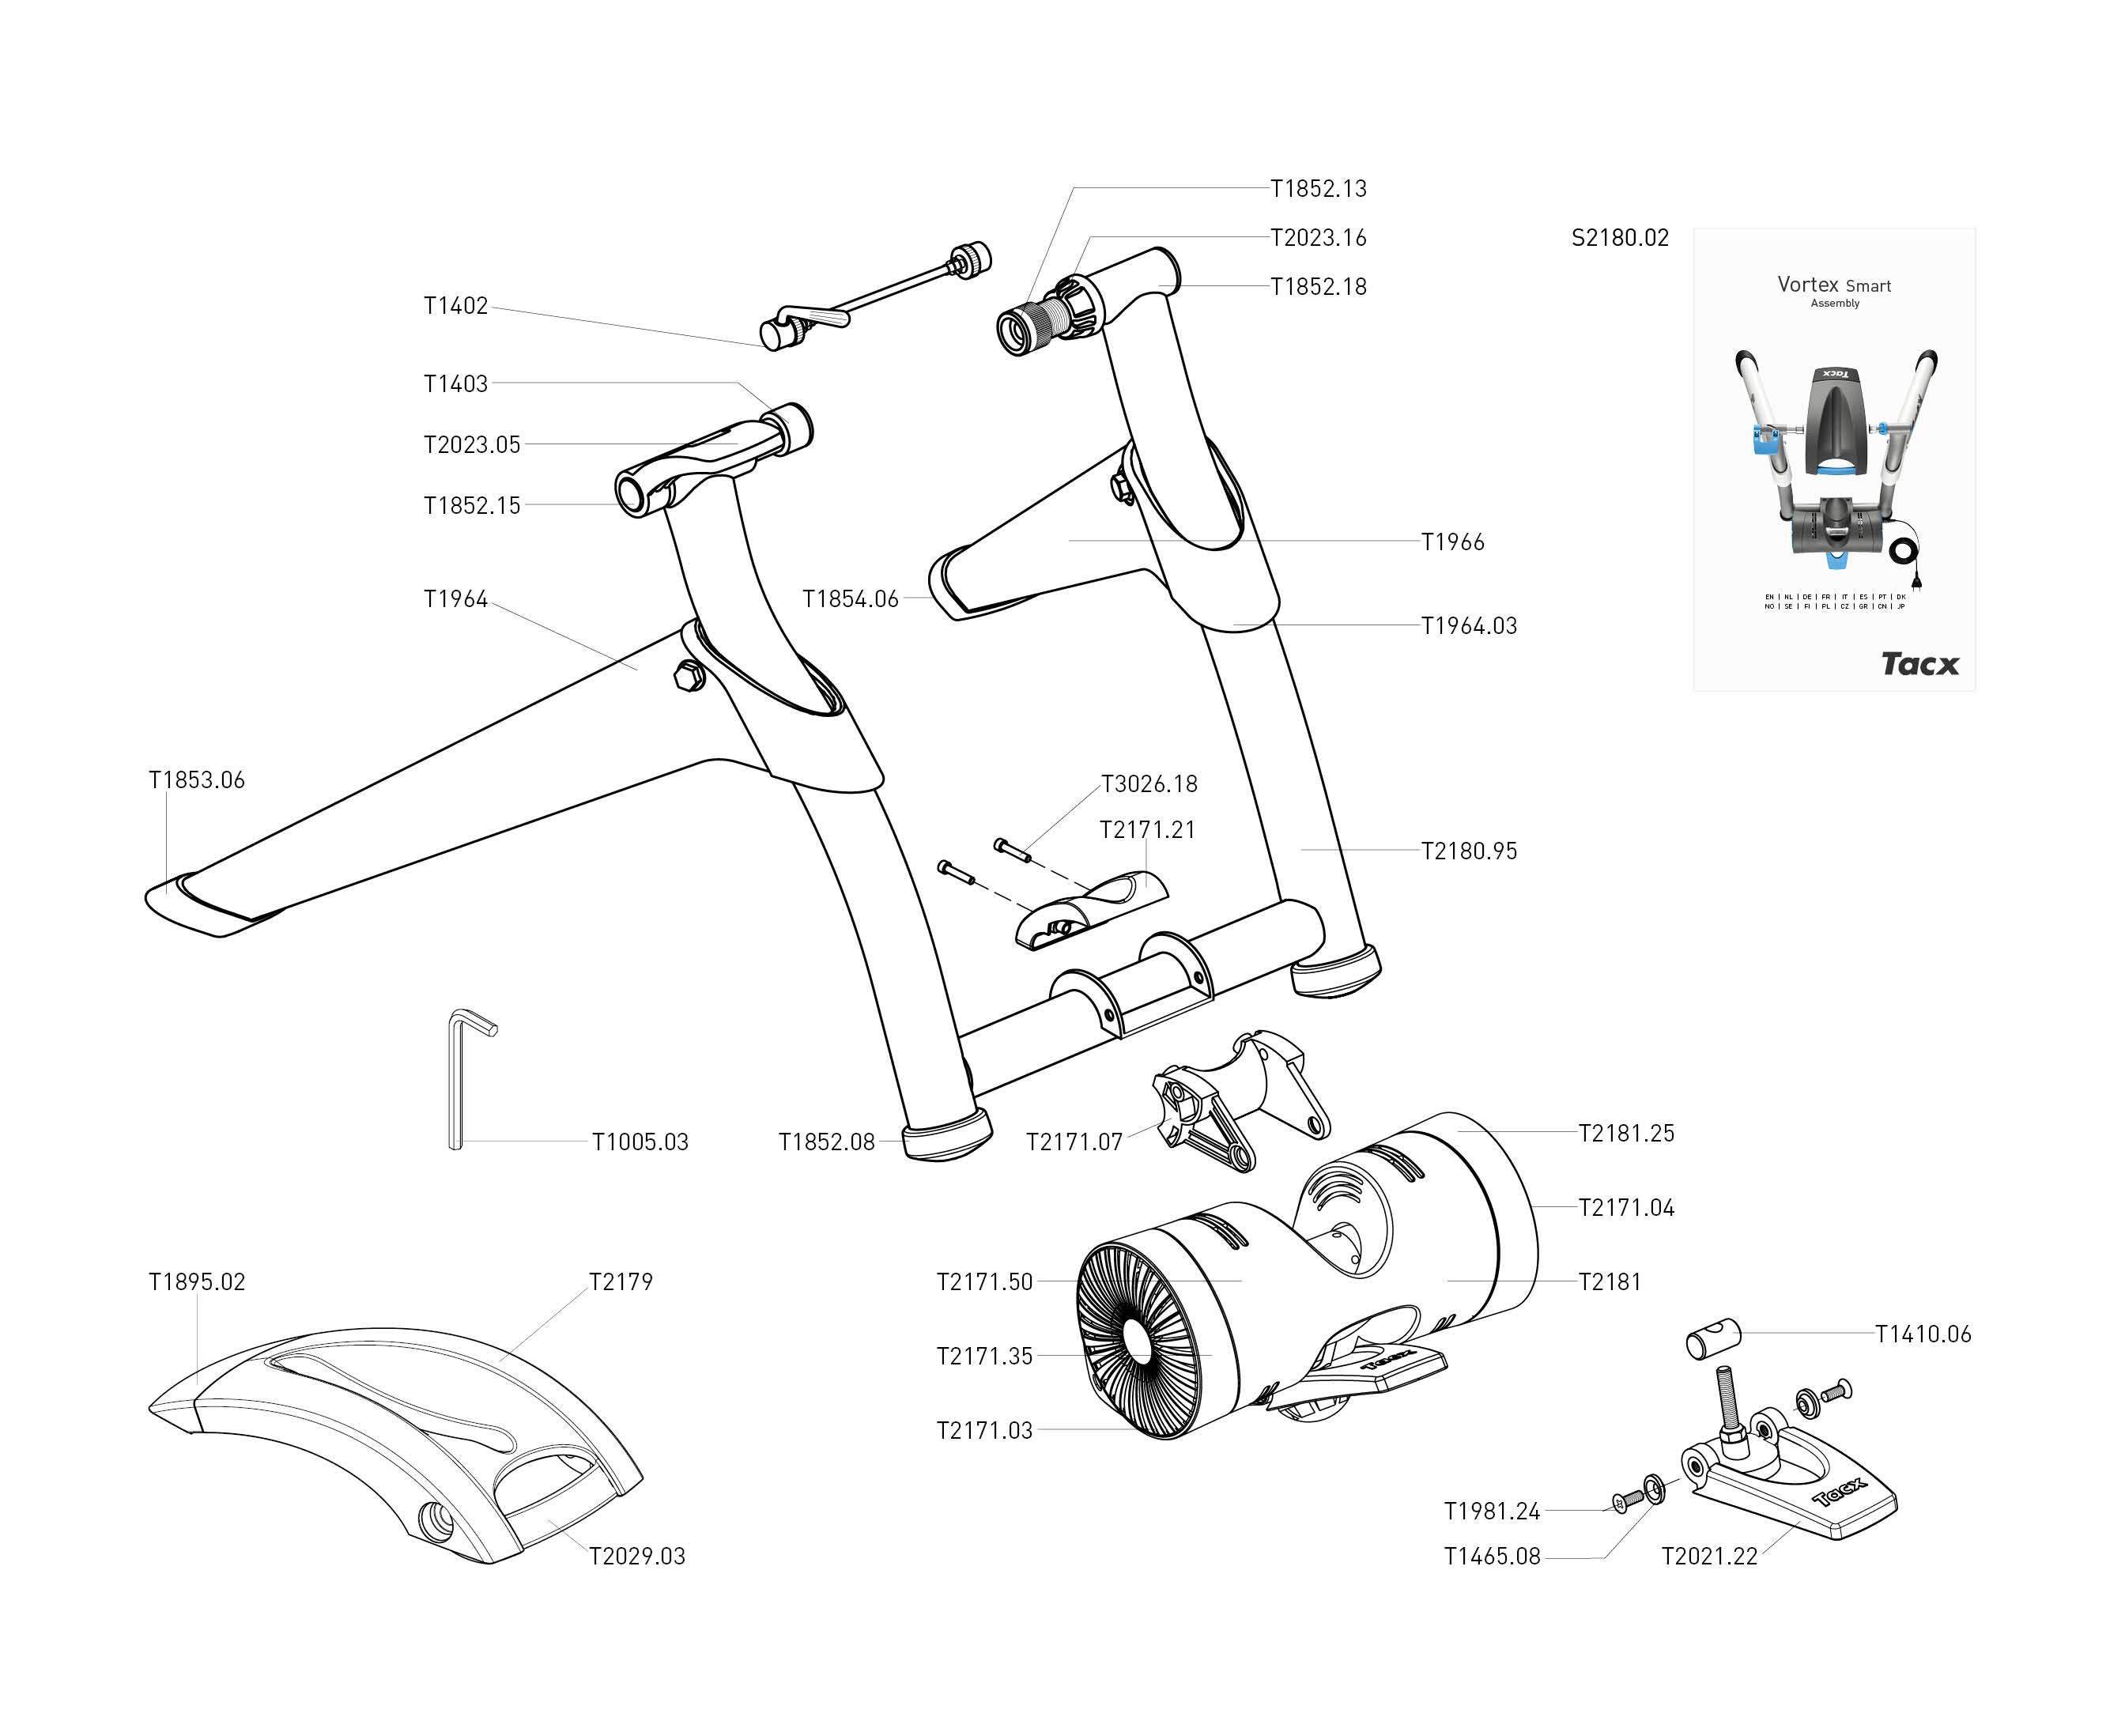 Схема станка TACX Vortex Smart